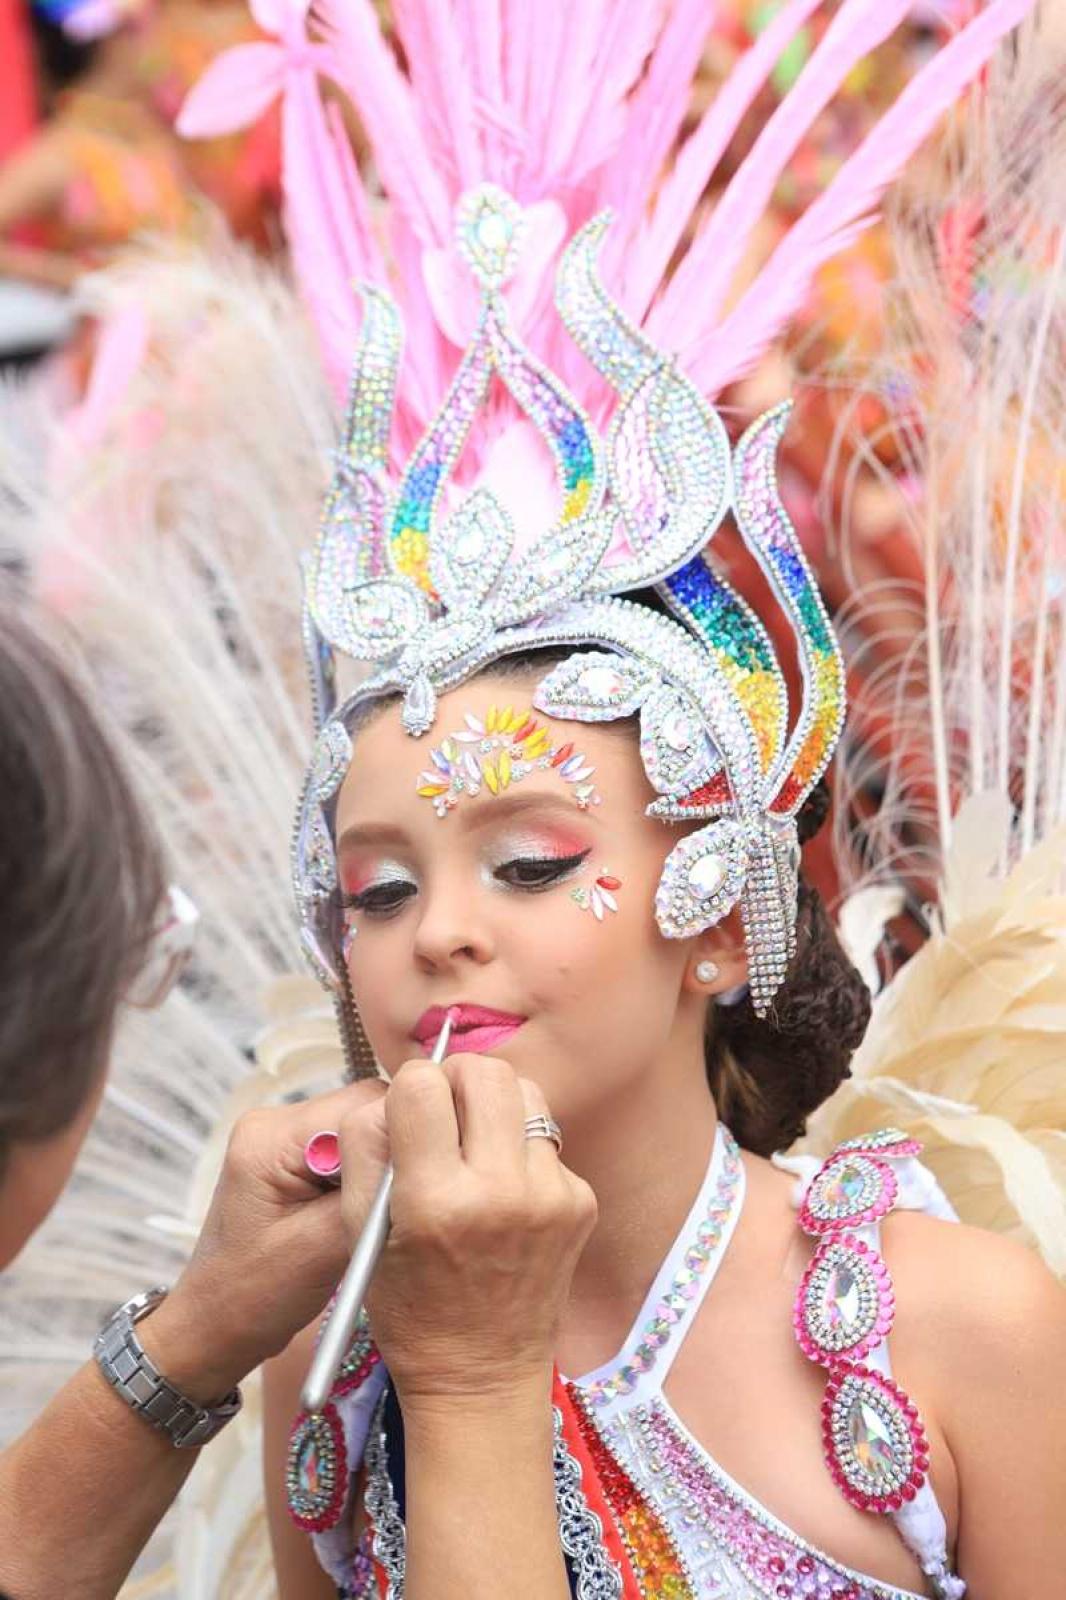 Carnaval Dores 2020: Baile Infantil